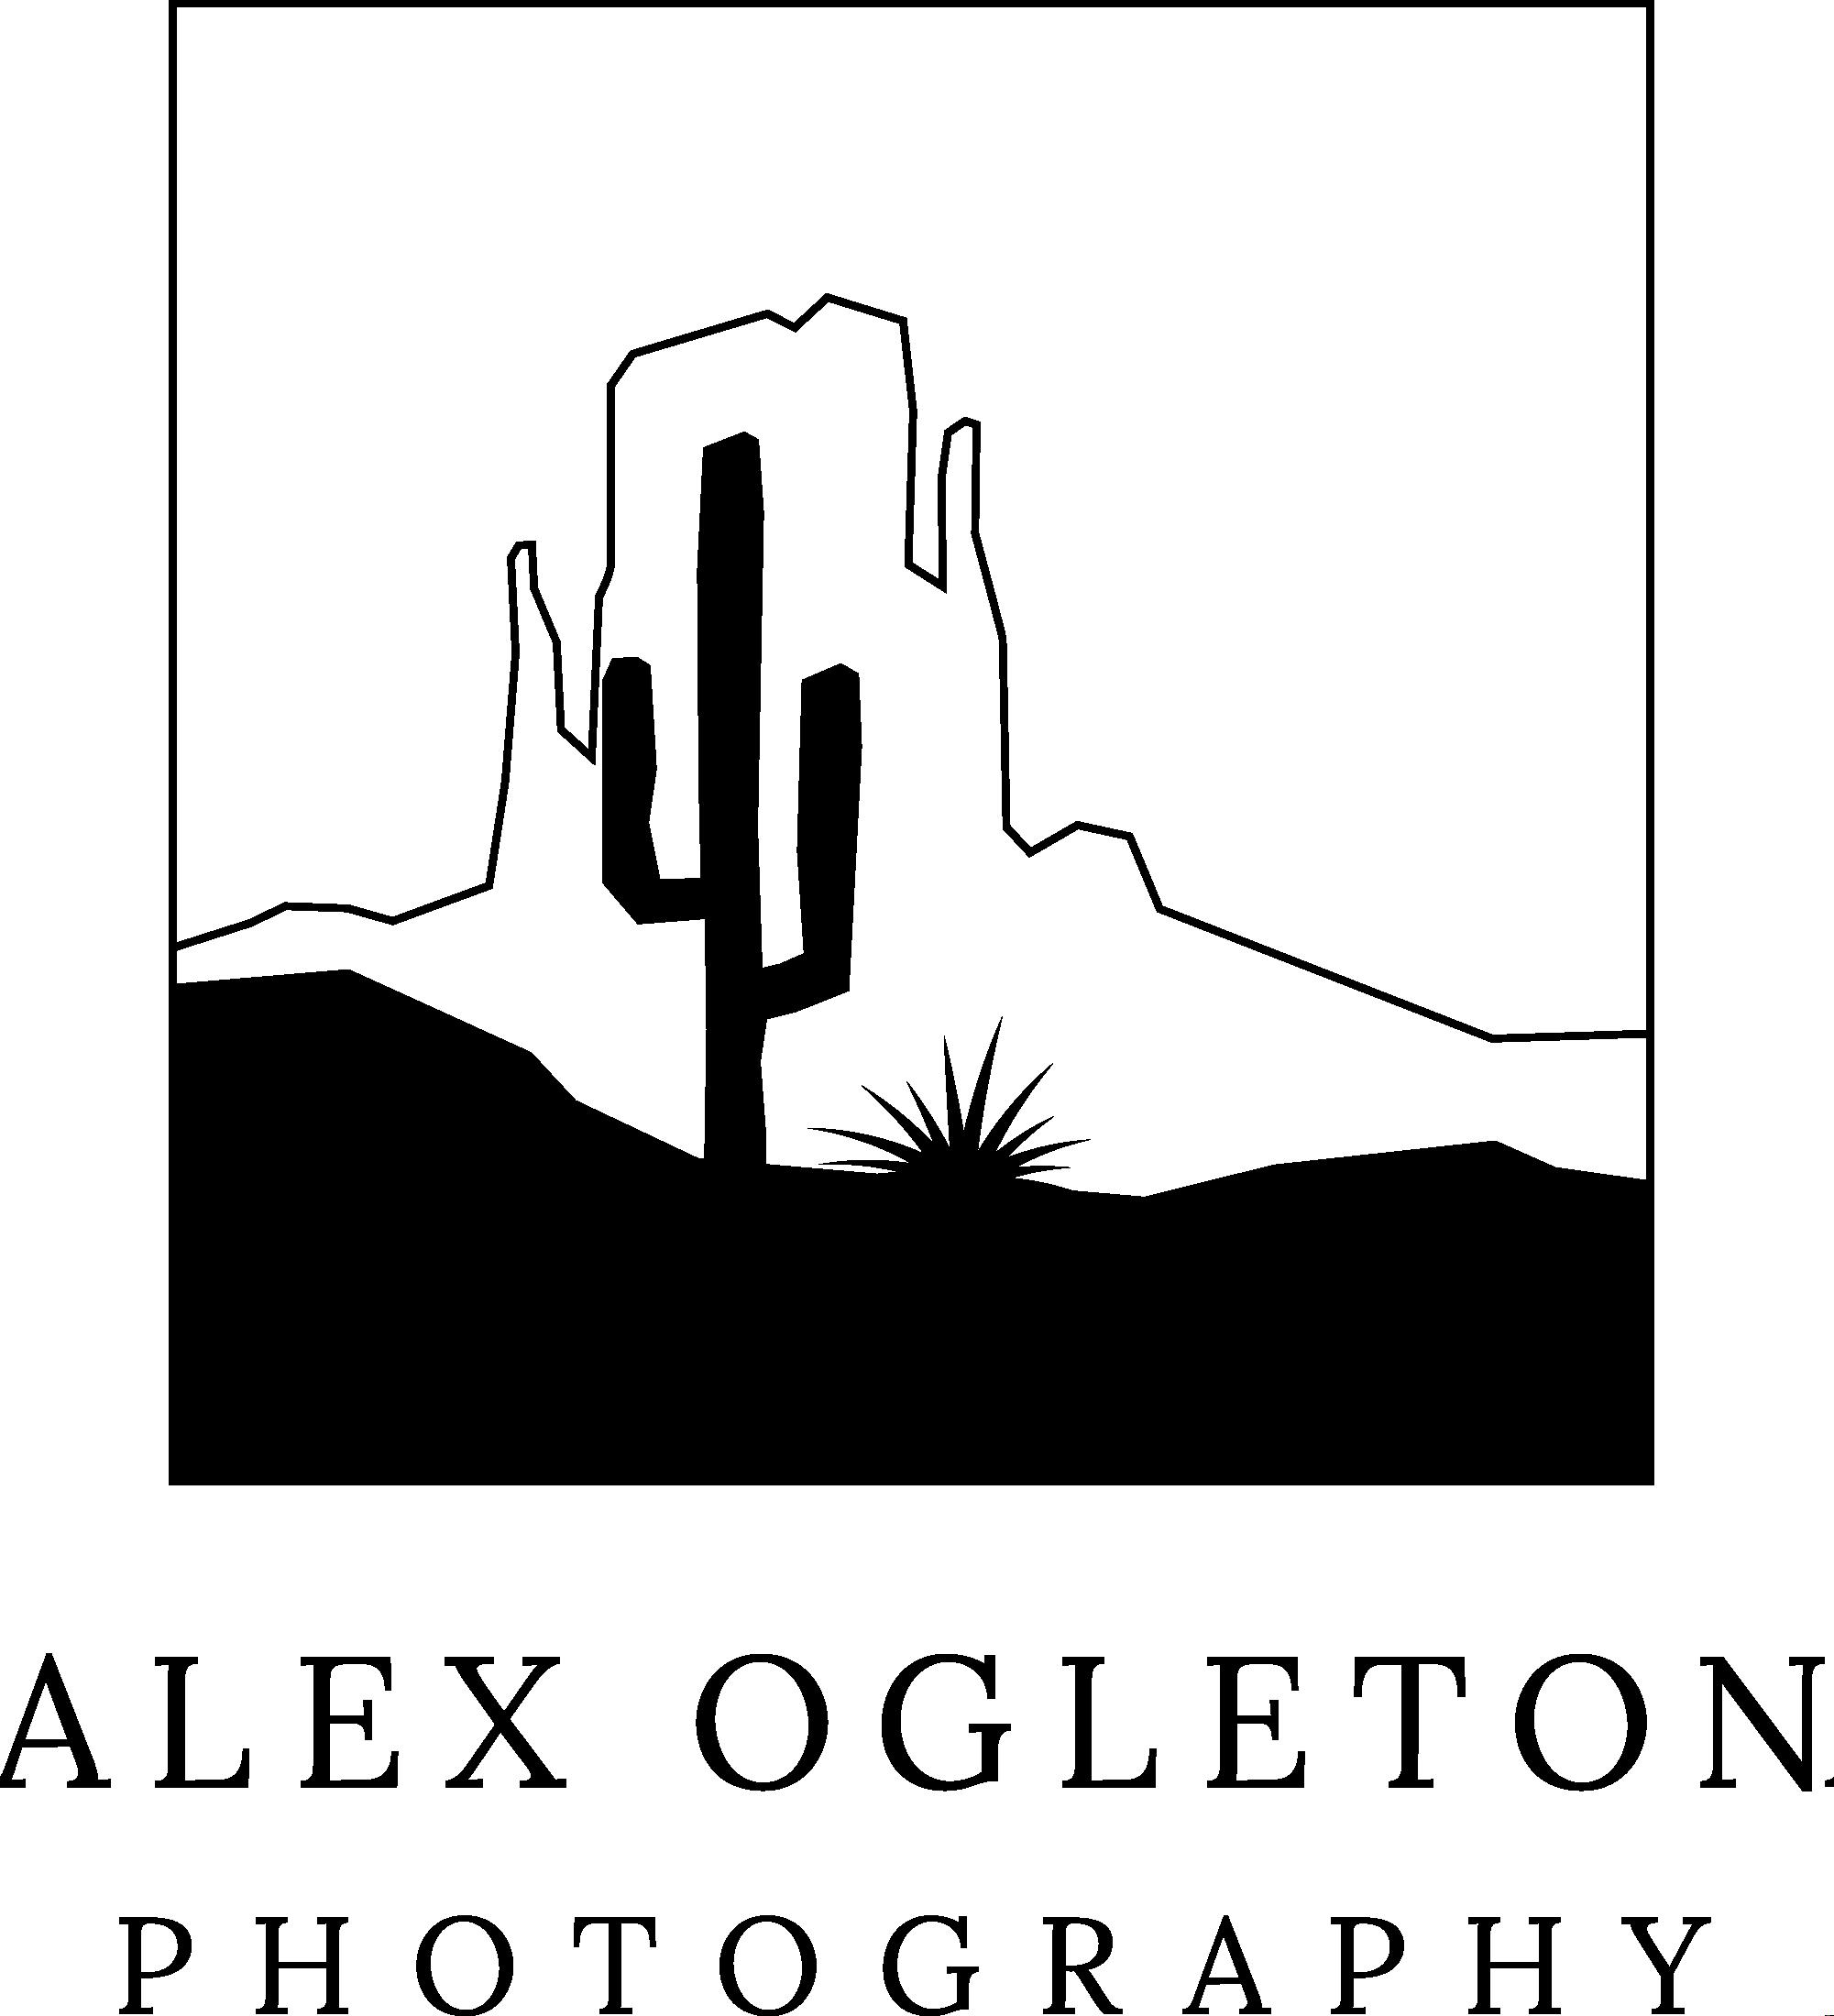 Alex Ogleton